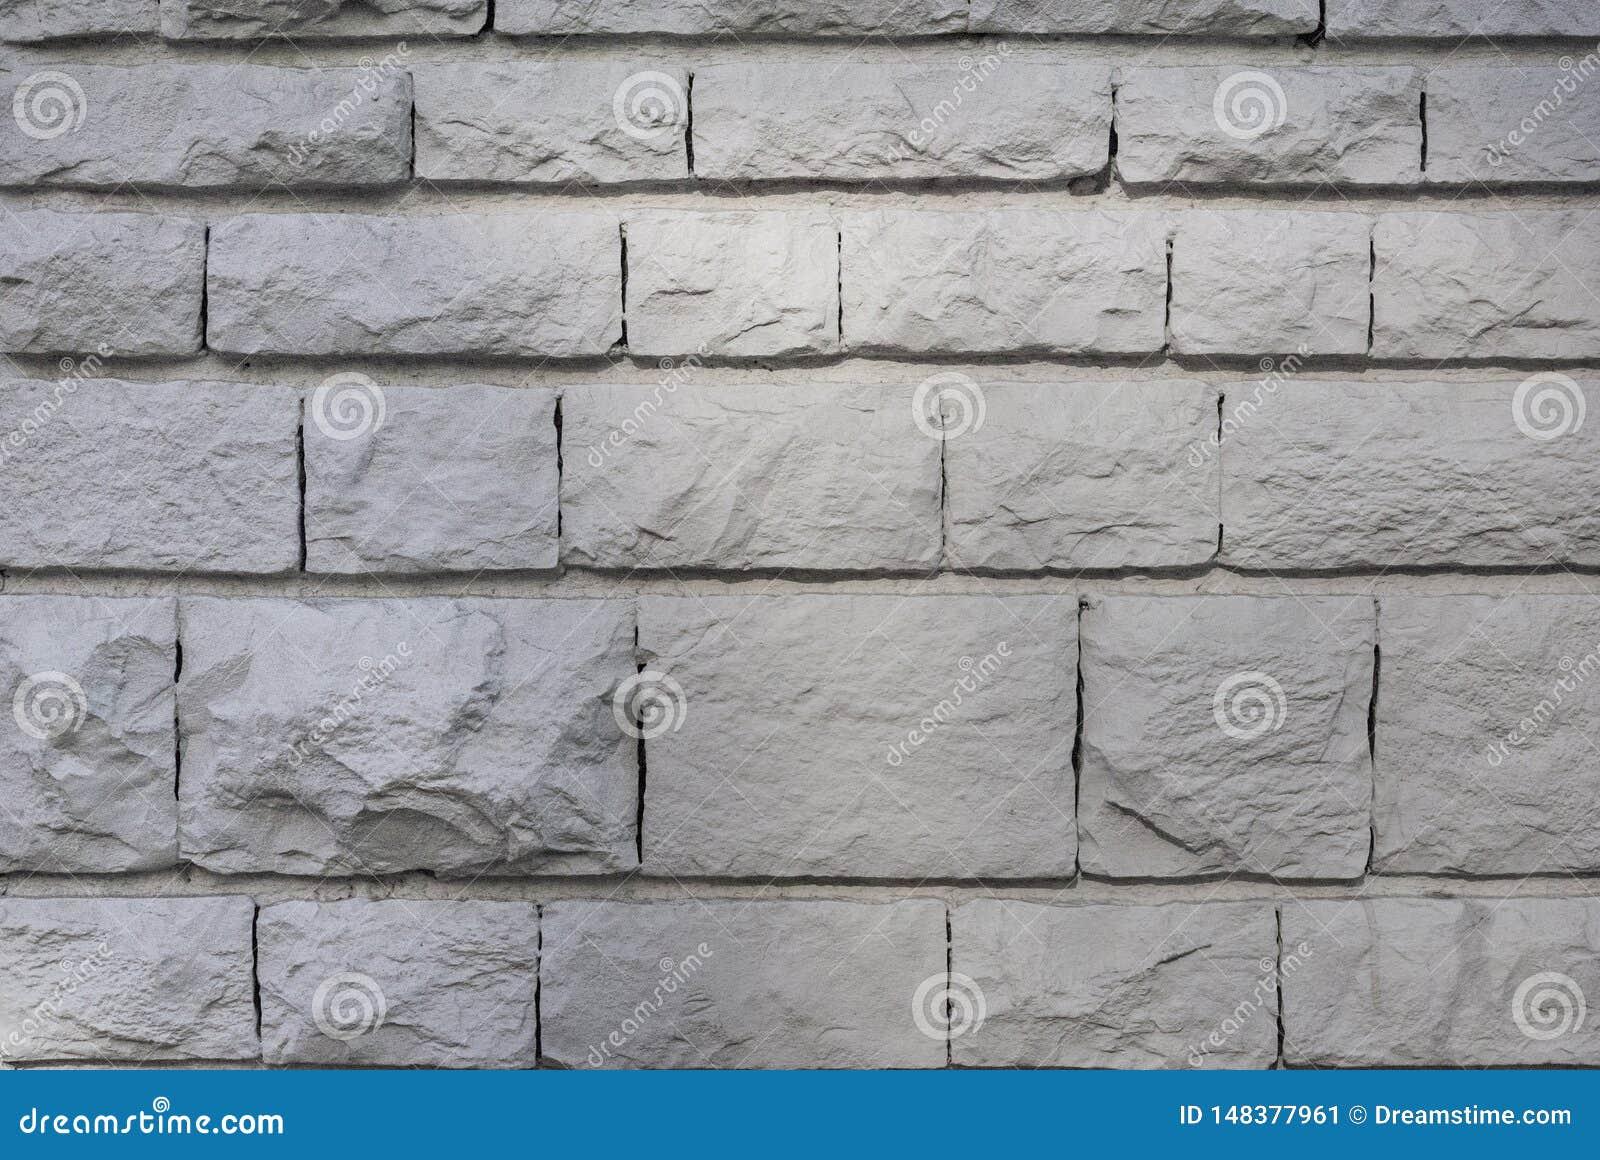 Παλαιός κομμένος τοίχος πετρών, όμορφη σύσταση υποβάθρου